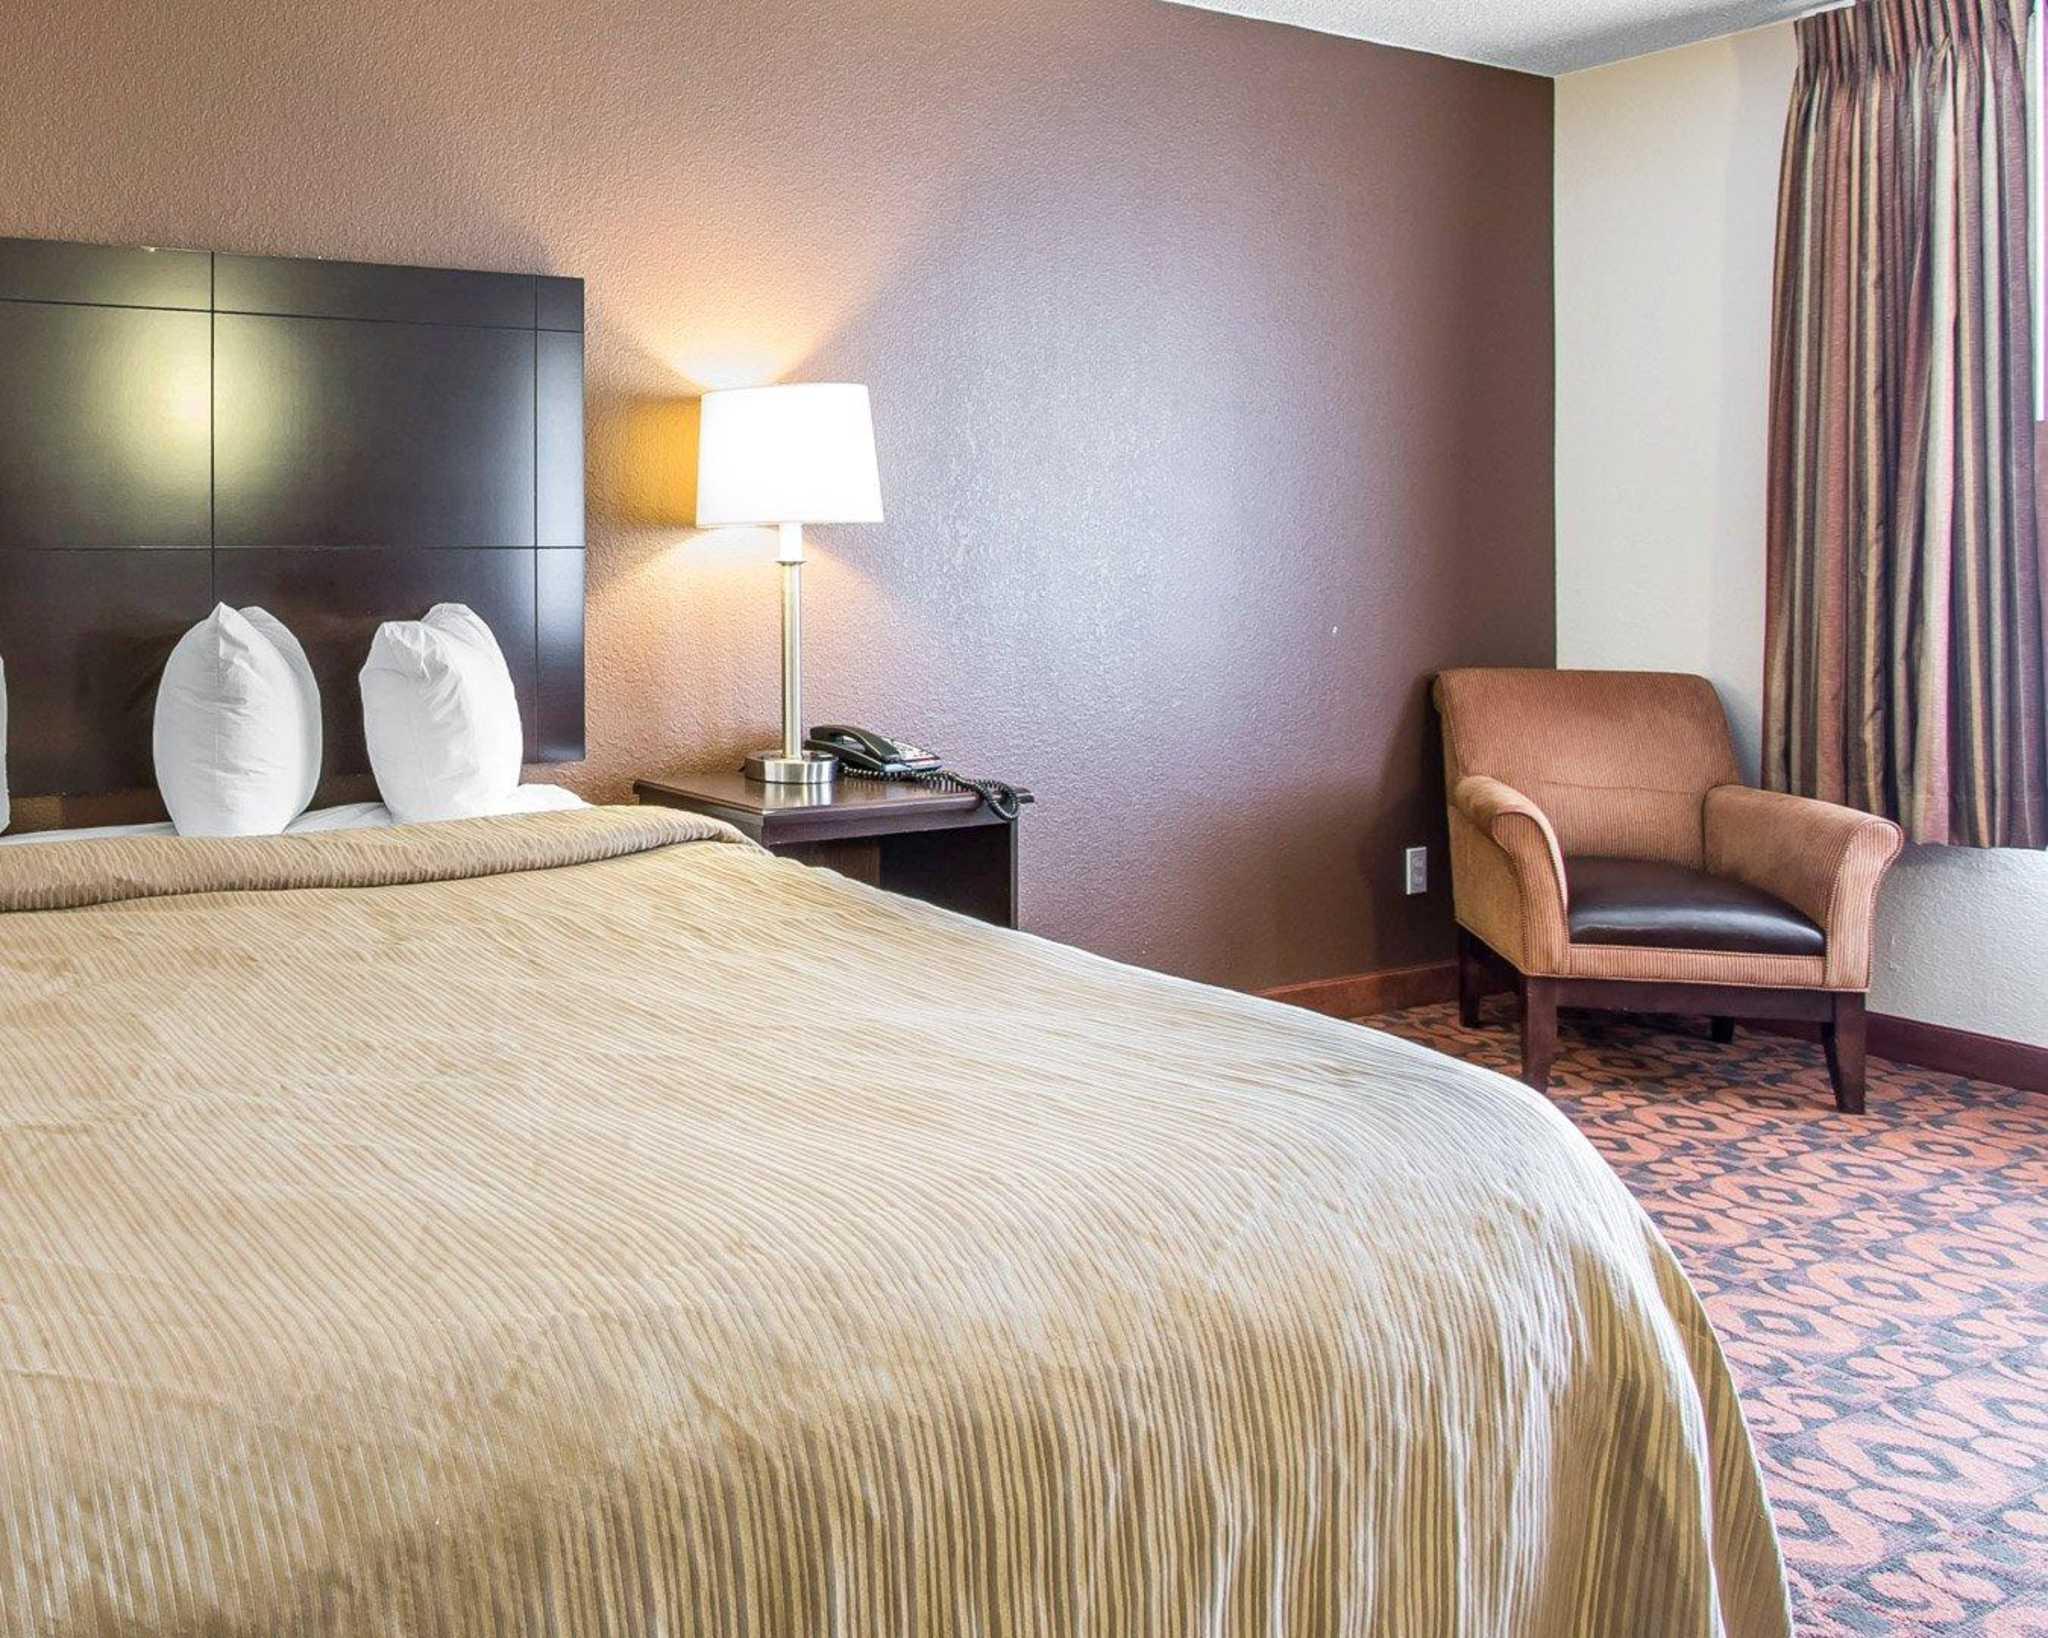 Quality Inn & Suites Fairgrounds West image 31